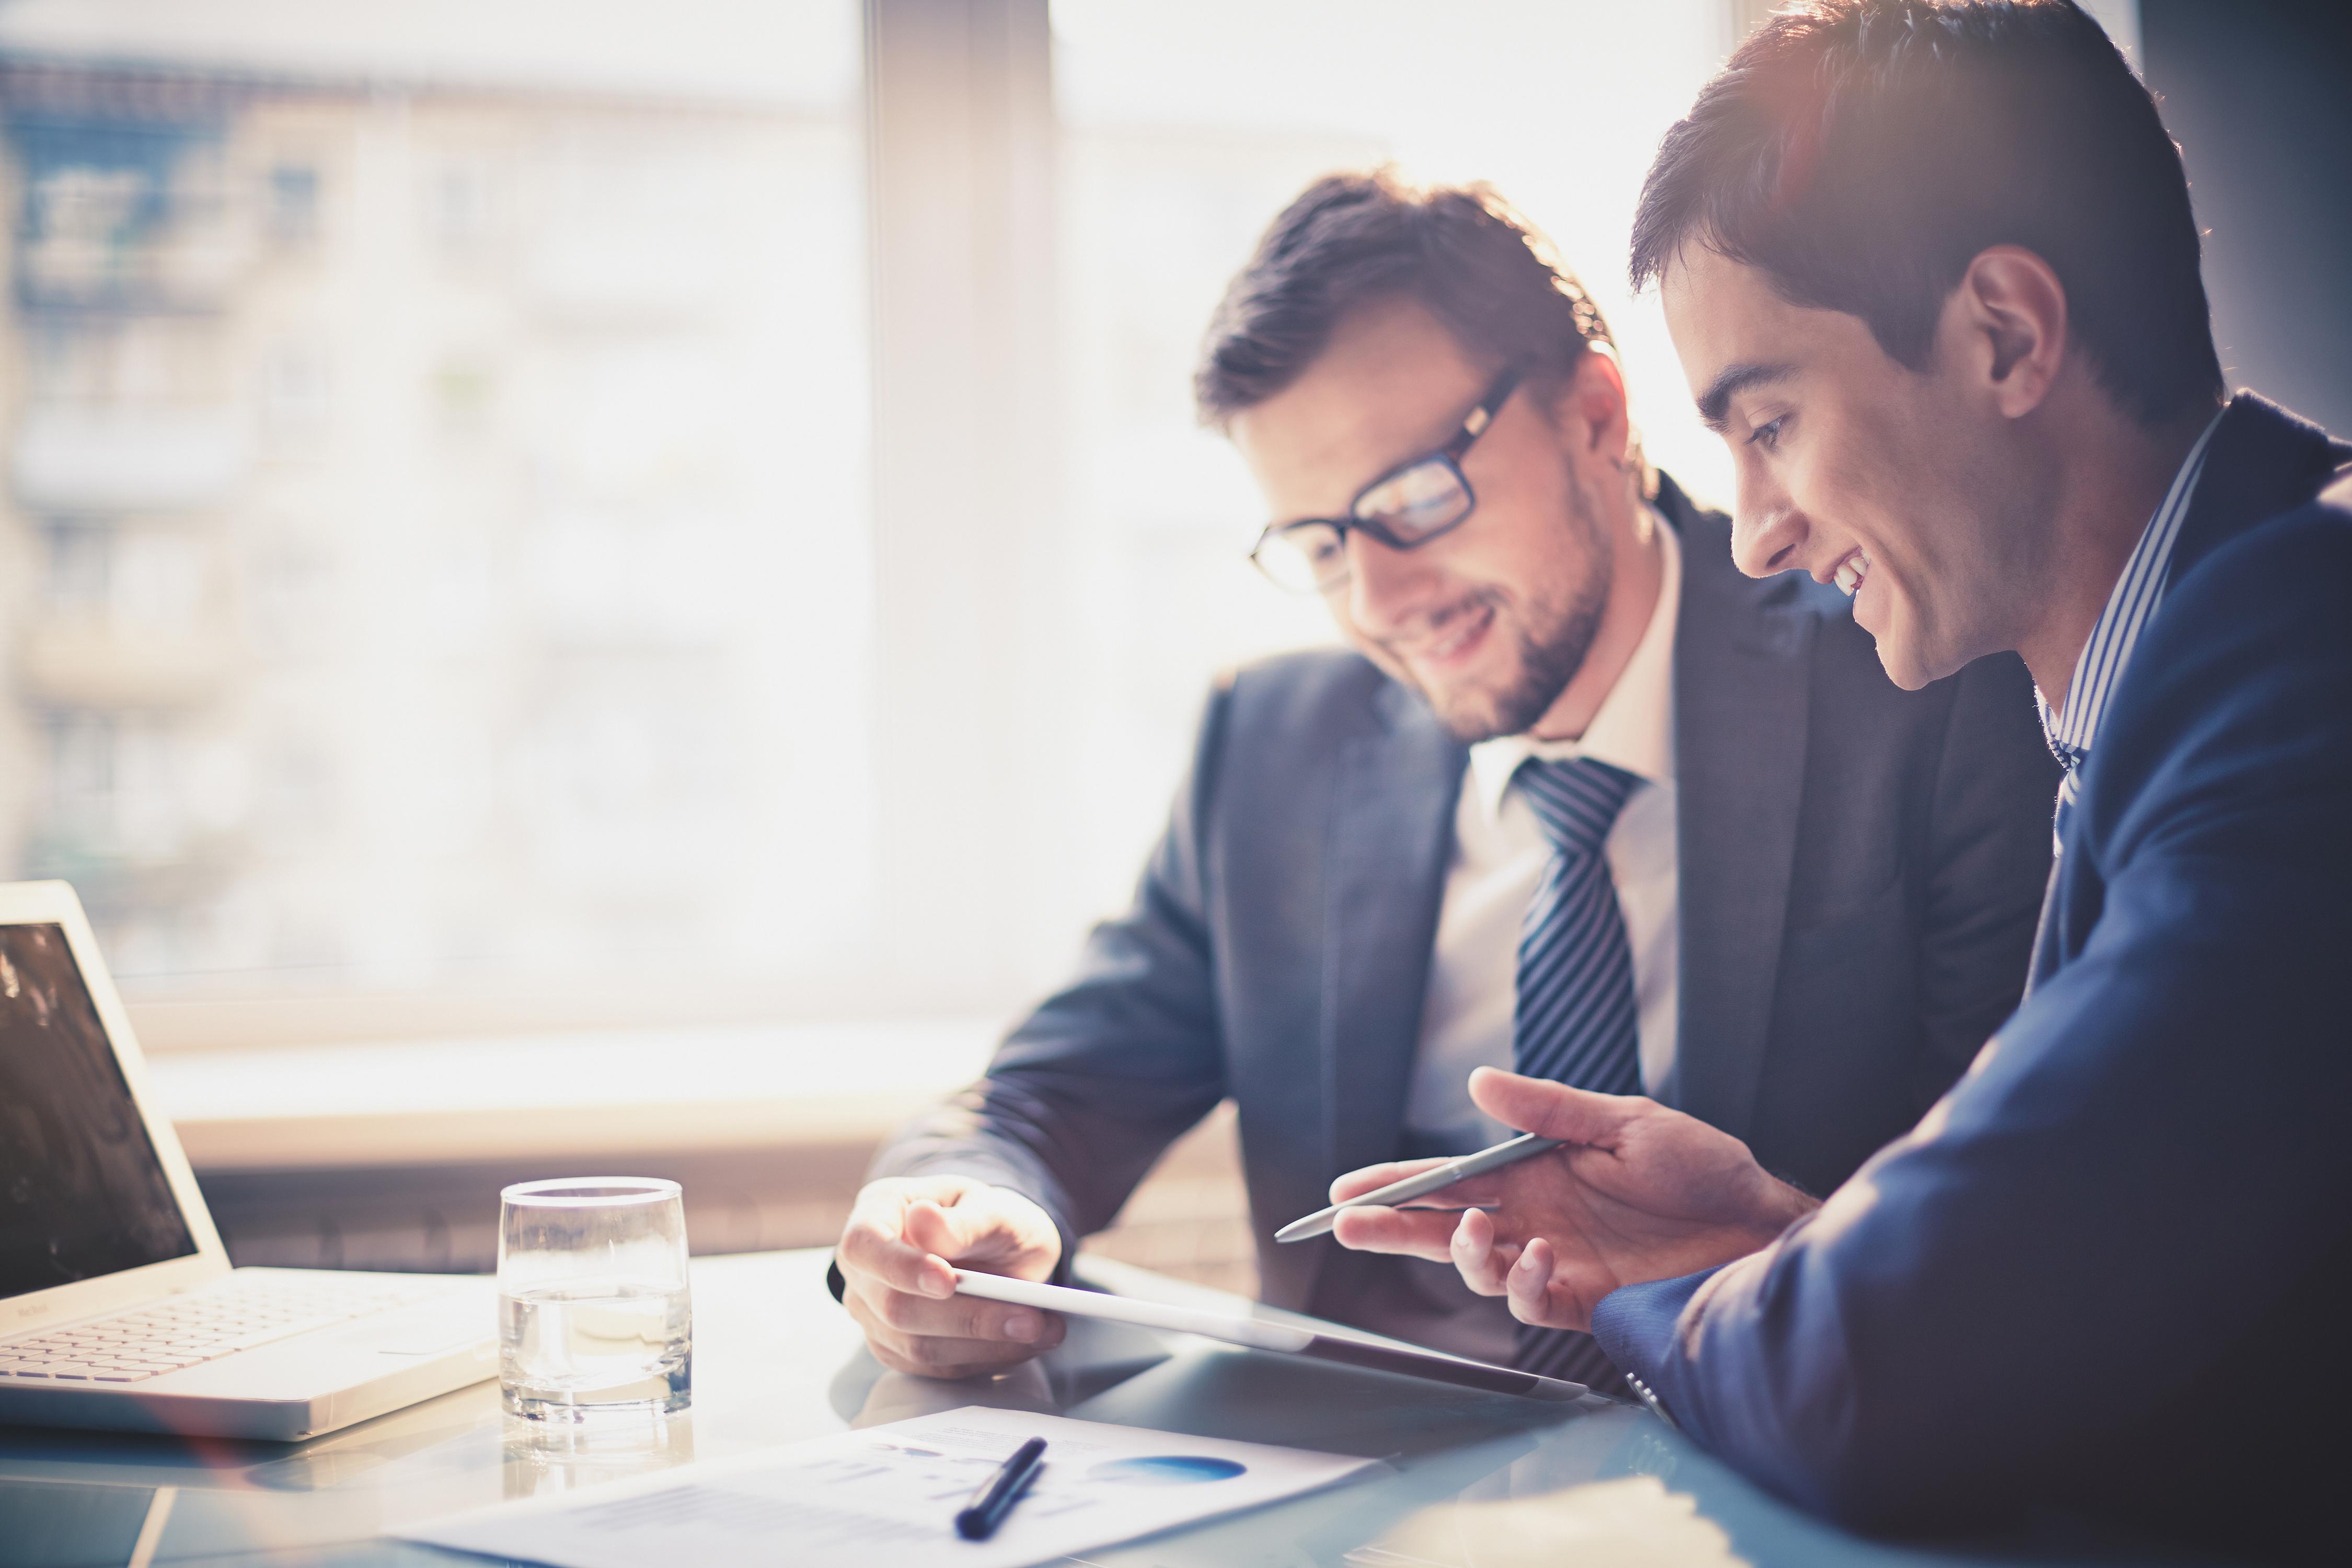 Top Vision Venture Partners AmitRaizada Secrets